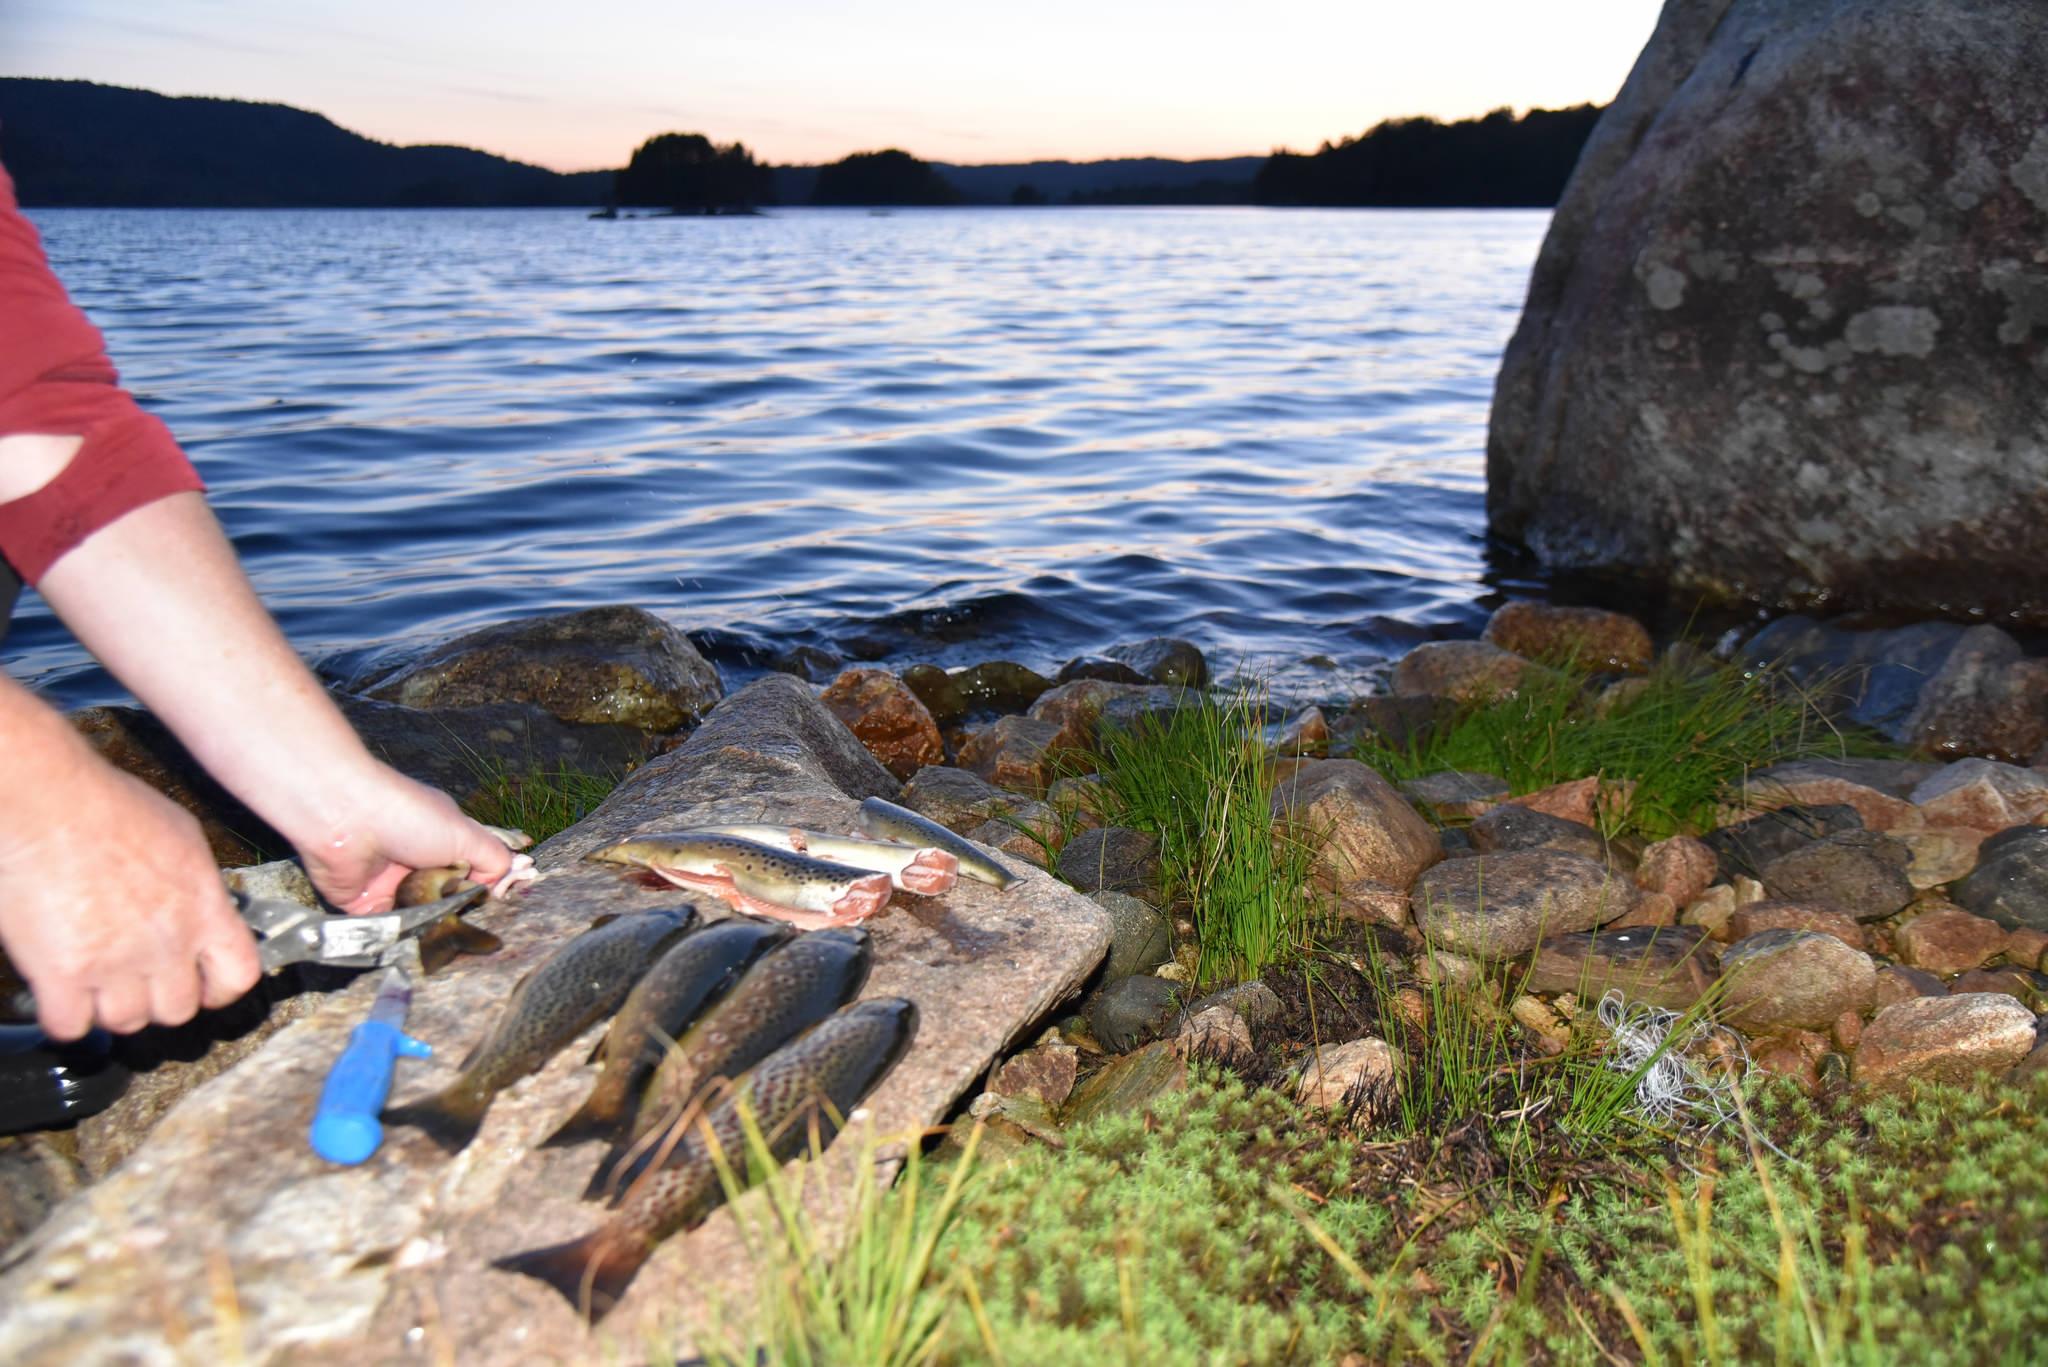 Dra på fisketur i Høvringsvannet og kos deg med frisk norsk ørret.